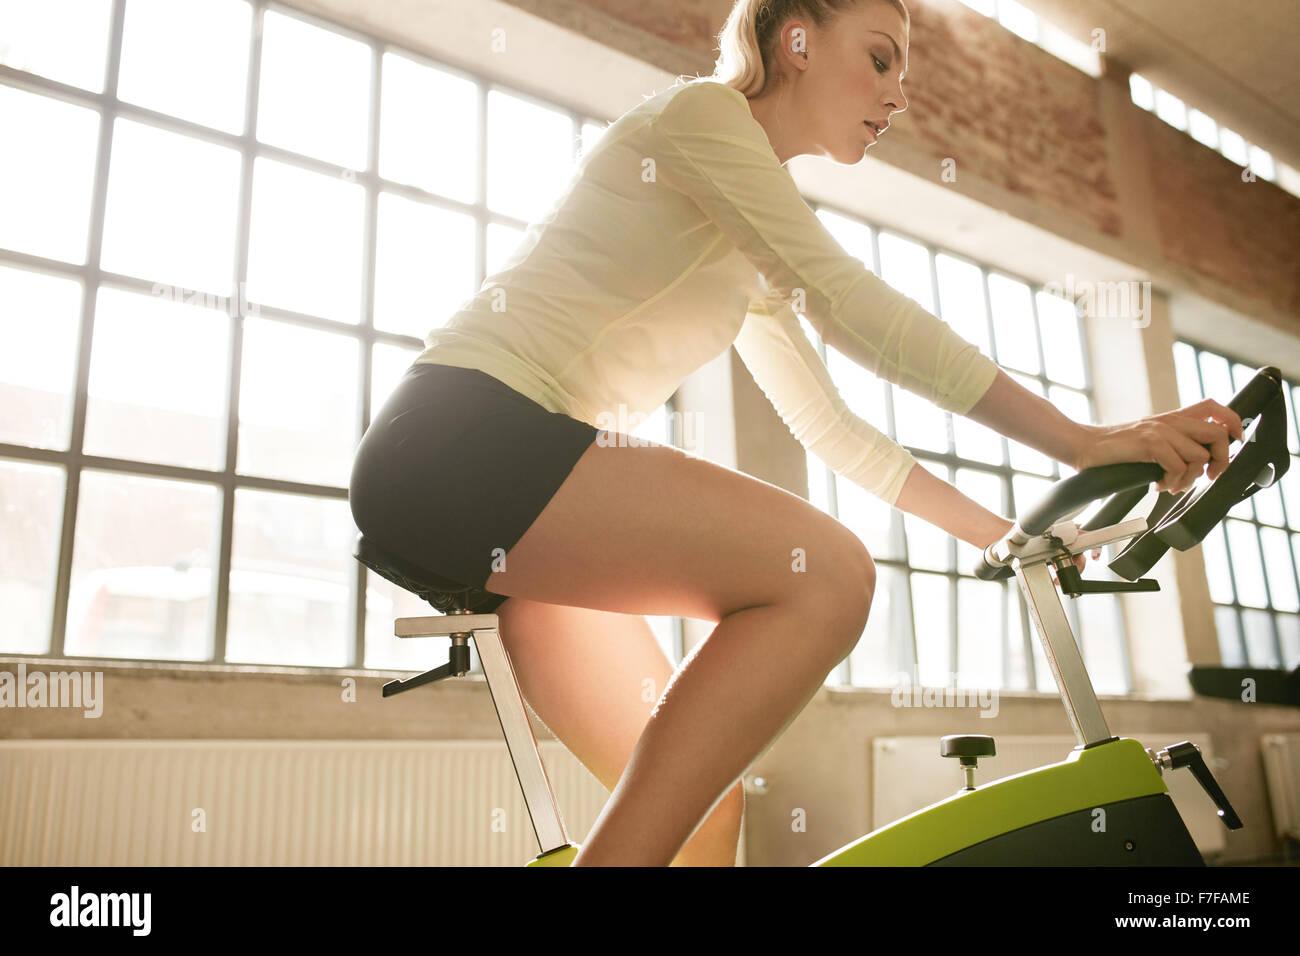 Vista laterale della donna fitness sulla bicicletta in palestra. Giovane atleta femminile la filatura su biciclette Immagini Stock